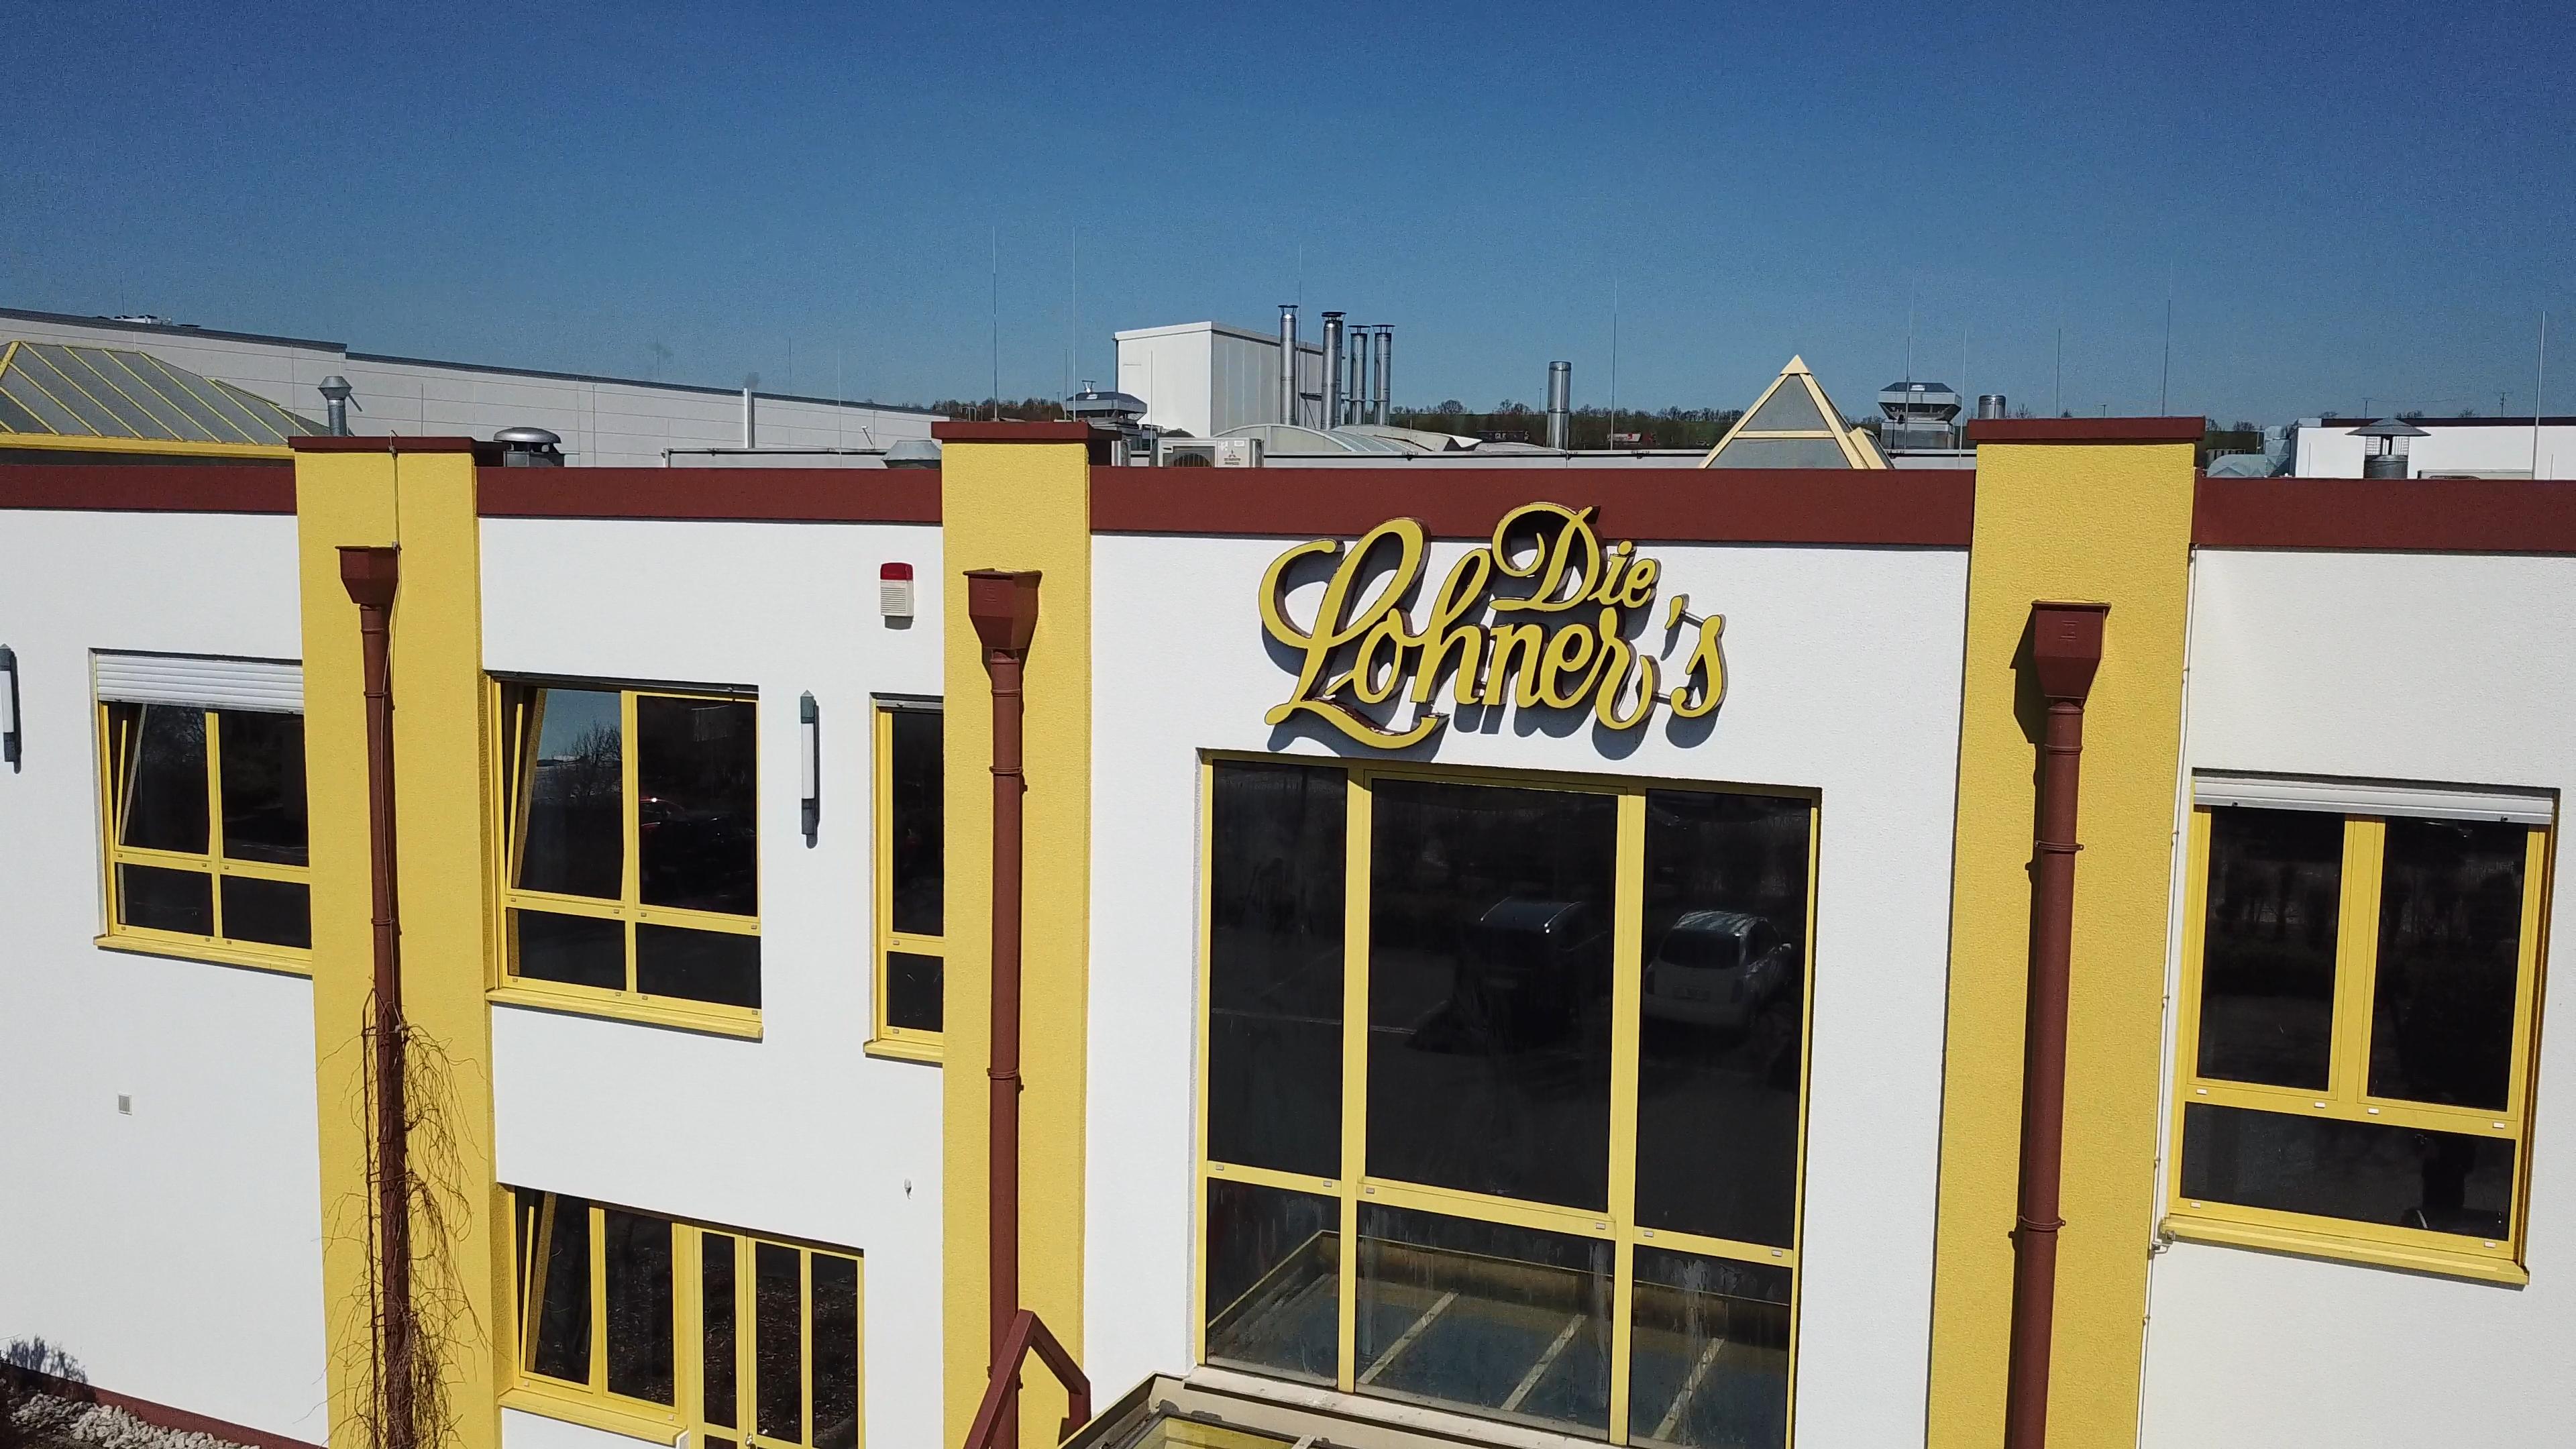 WiSOLAR-Referenz-Lohner's-Logo-Eingangsbereich-außen